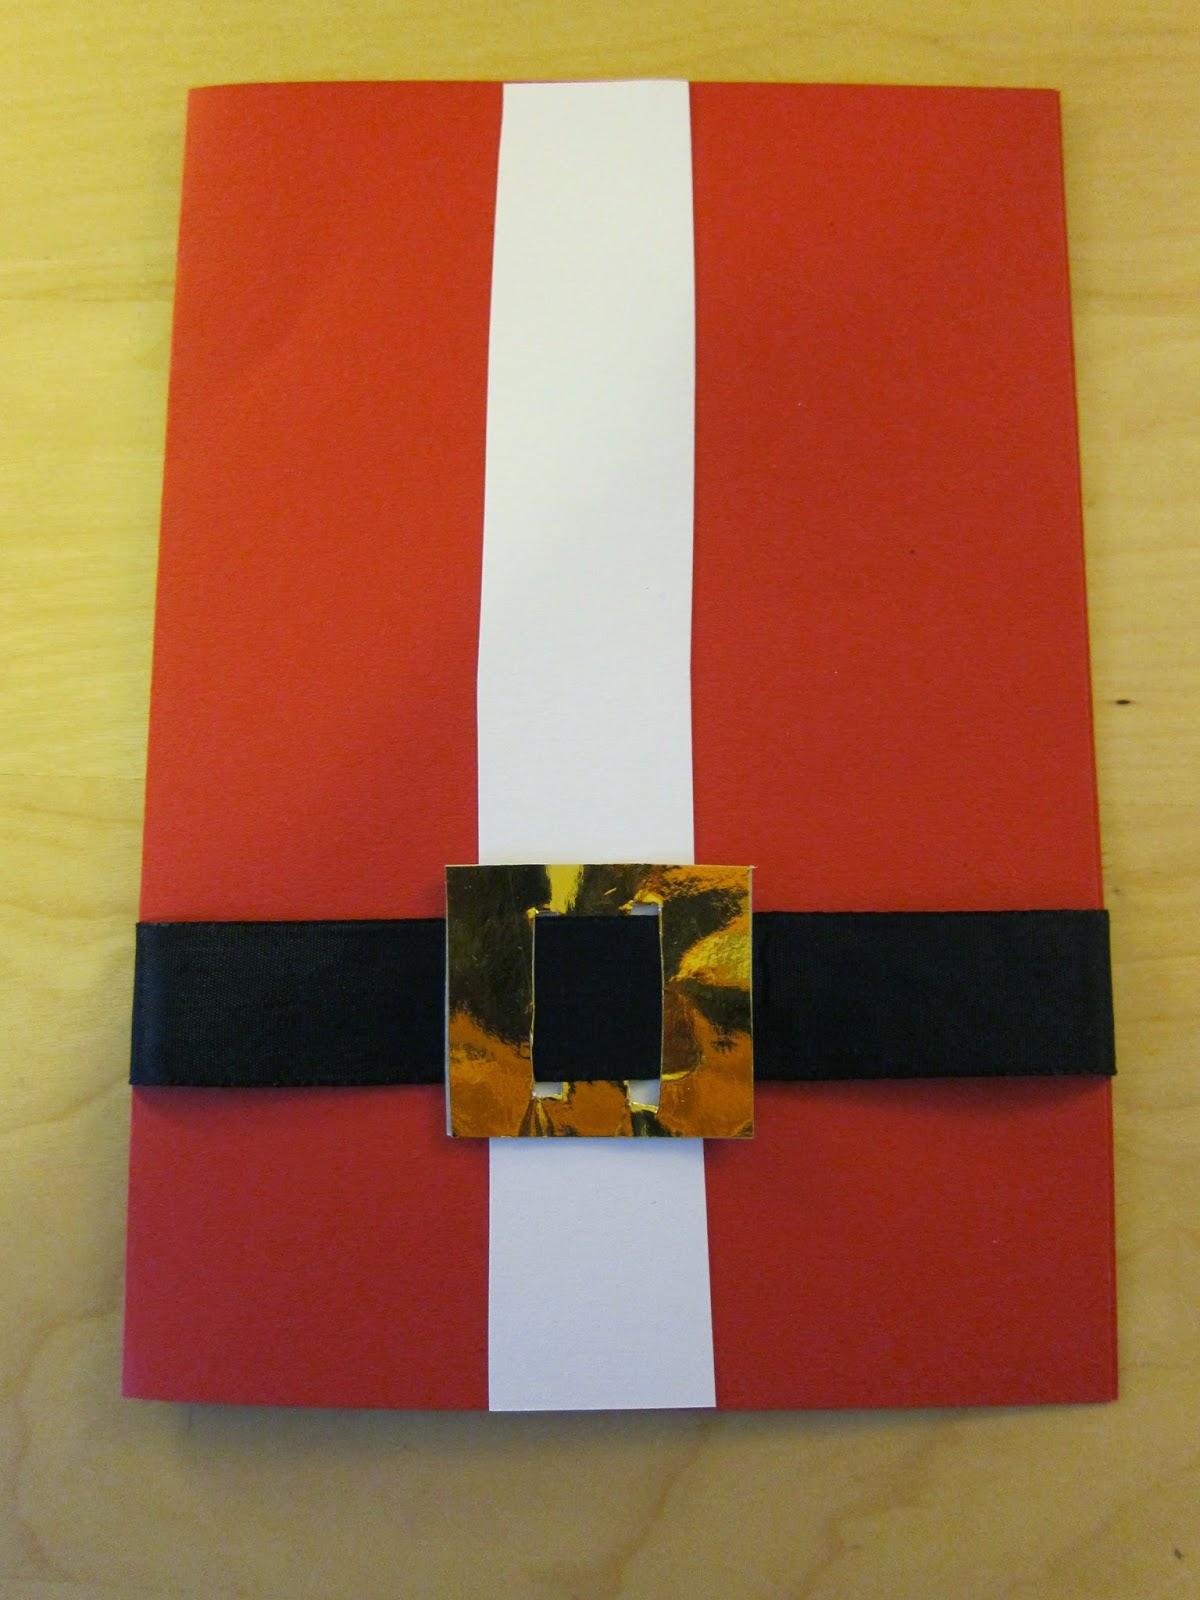 Julemands kort